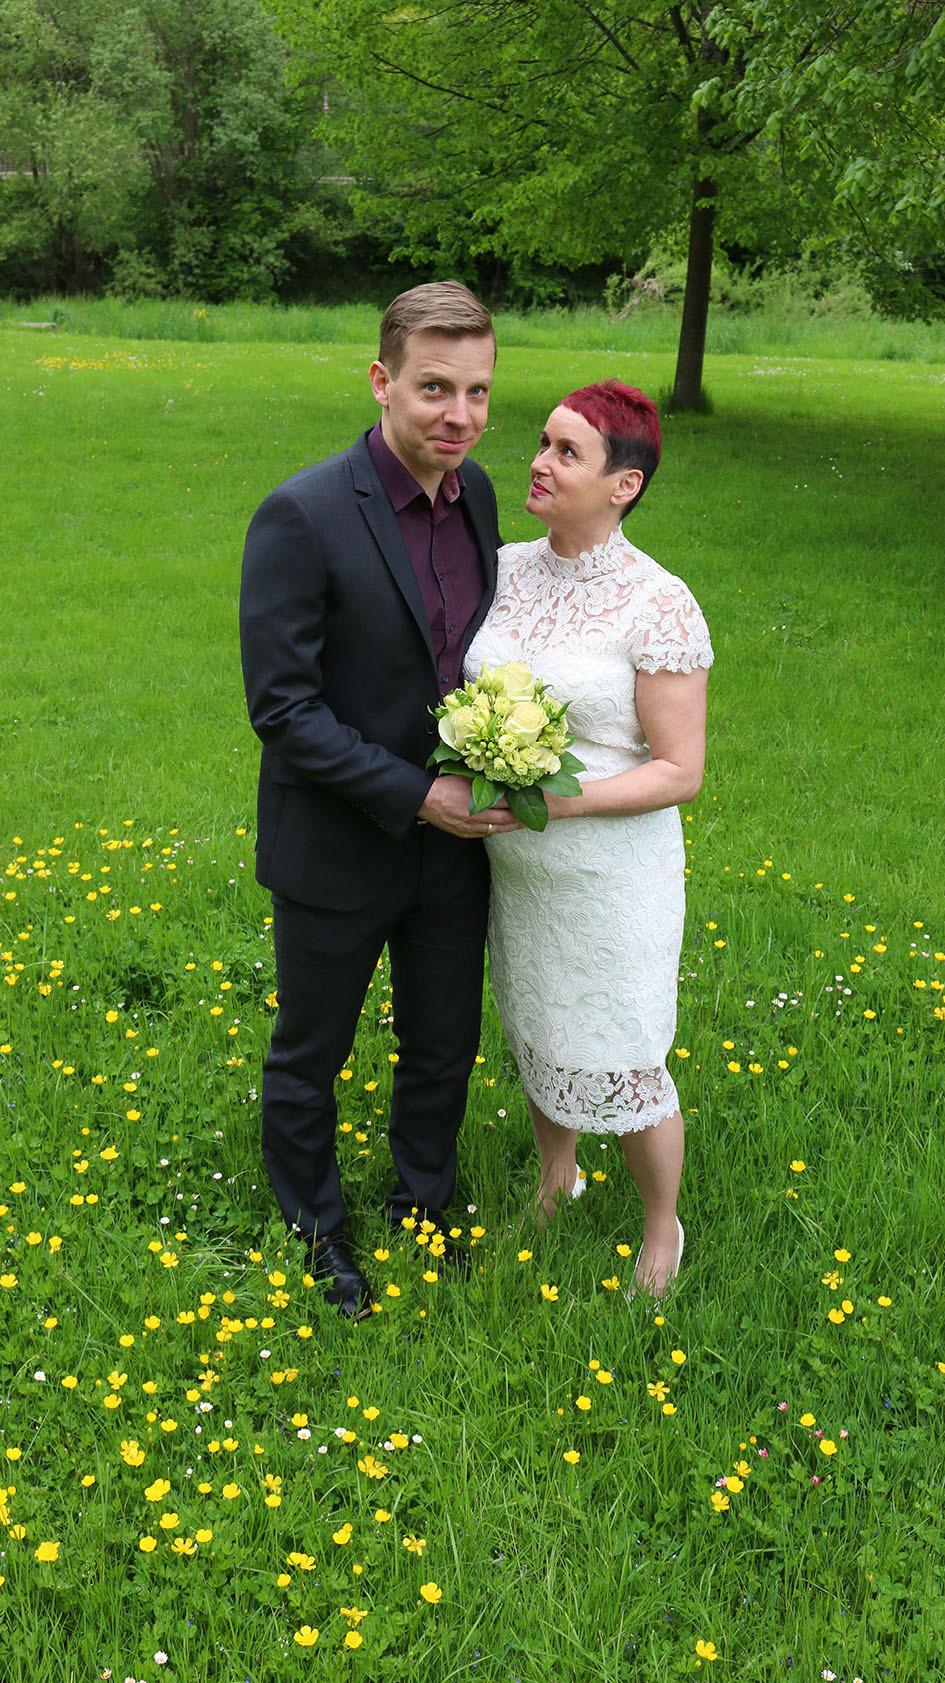 Das Brautpaar steht auf einer Grünfläche im Park.